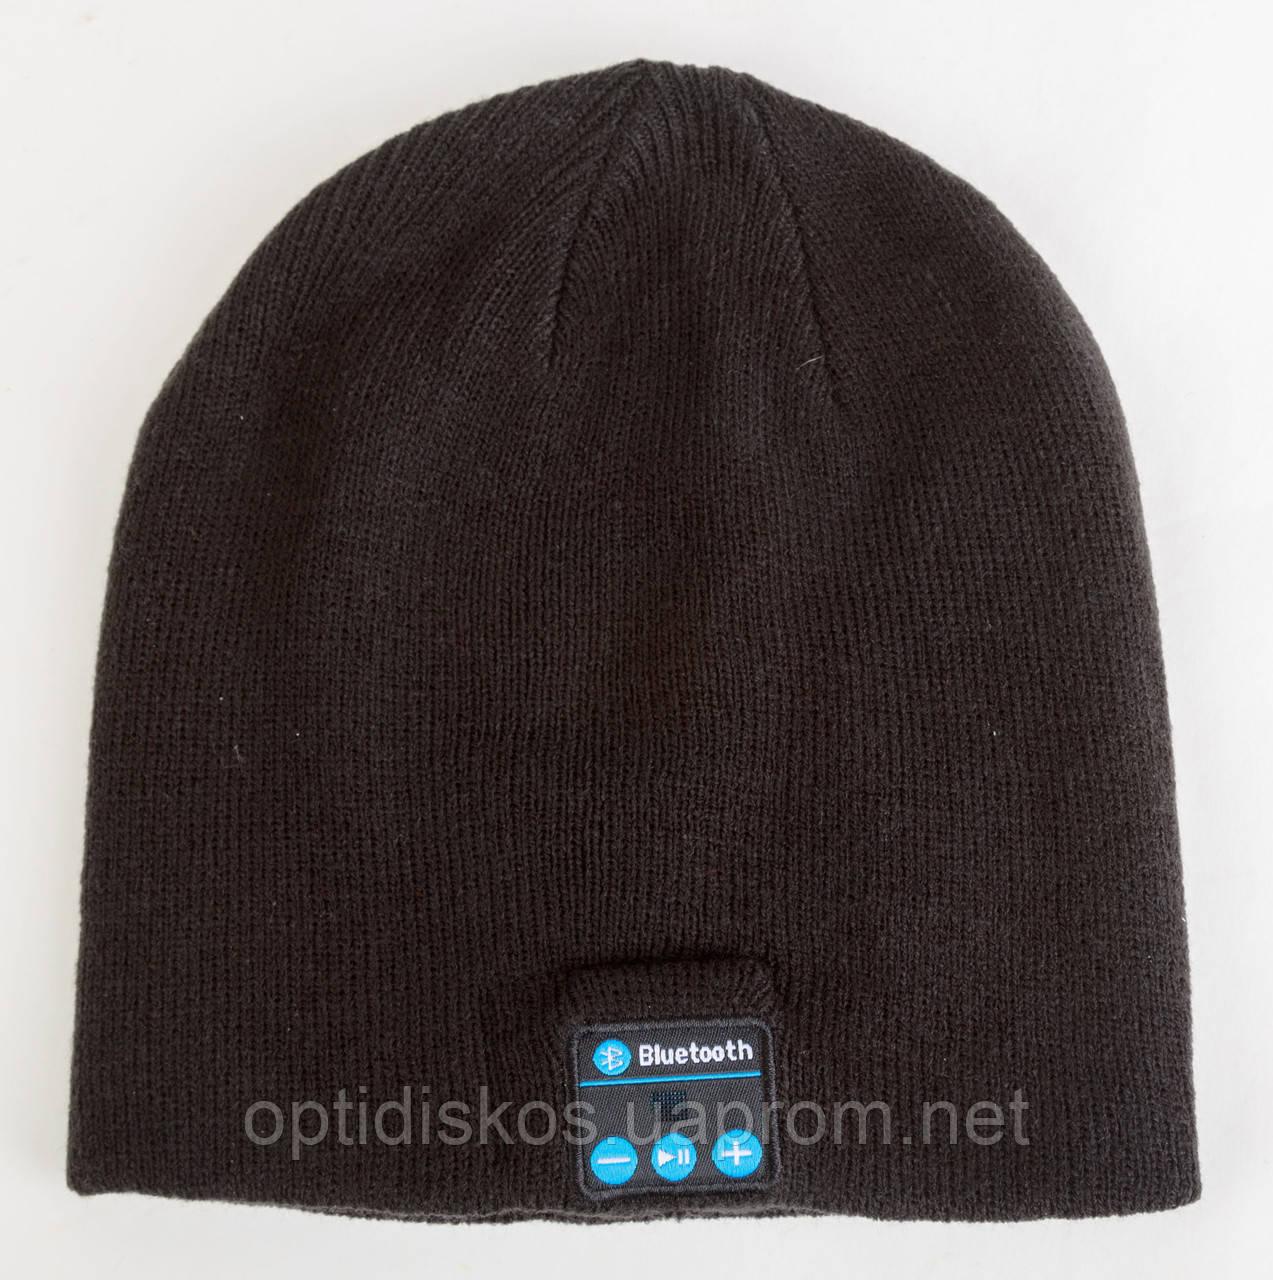 Шапка с bluetooth гарнитурой, шапка-наушники Magic Hat